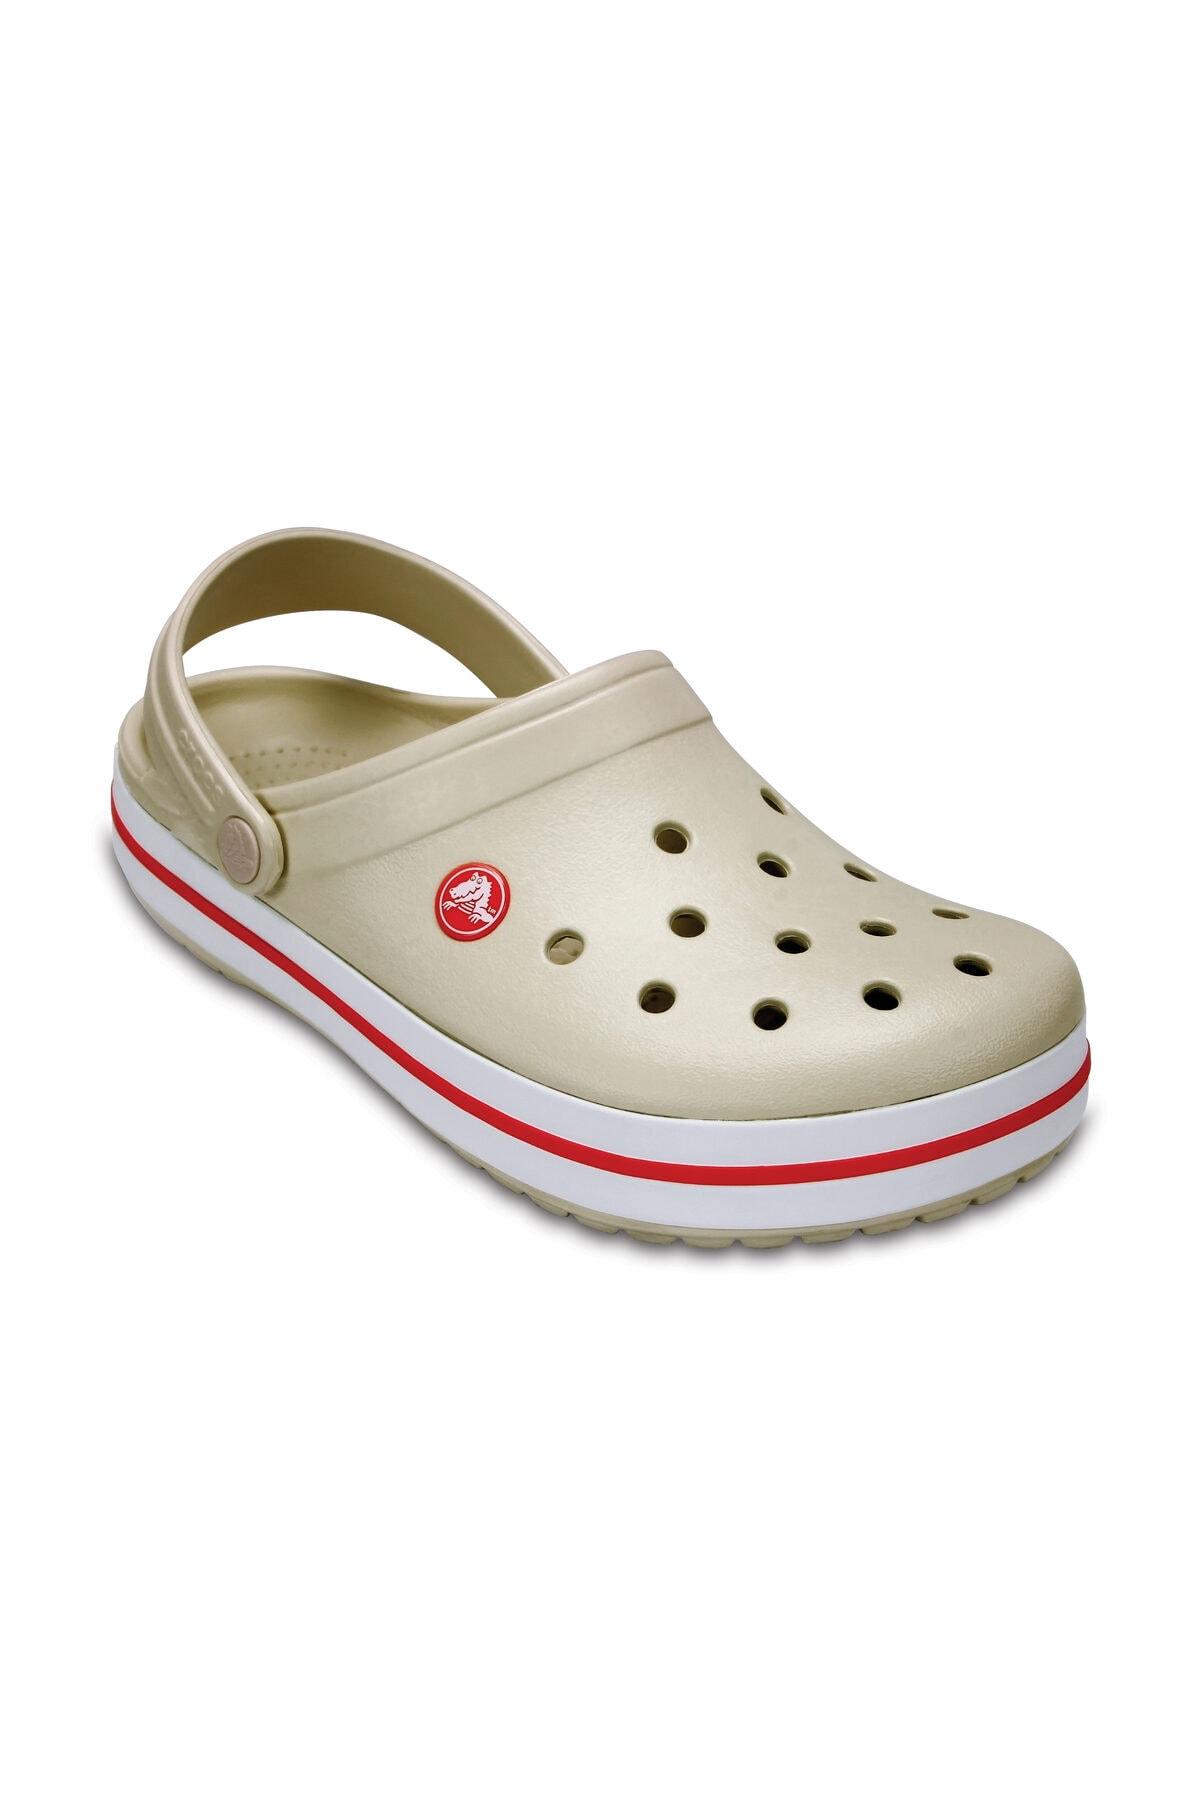 Crocs Bej Unisex Crocband Kenarı Kırmızı Beyaz Çizgili Terlik 2